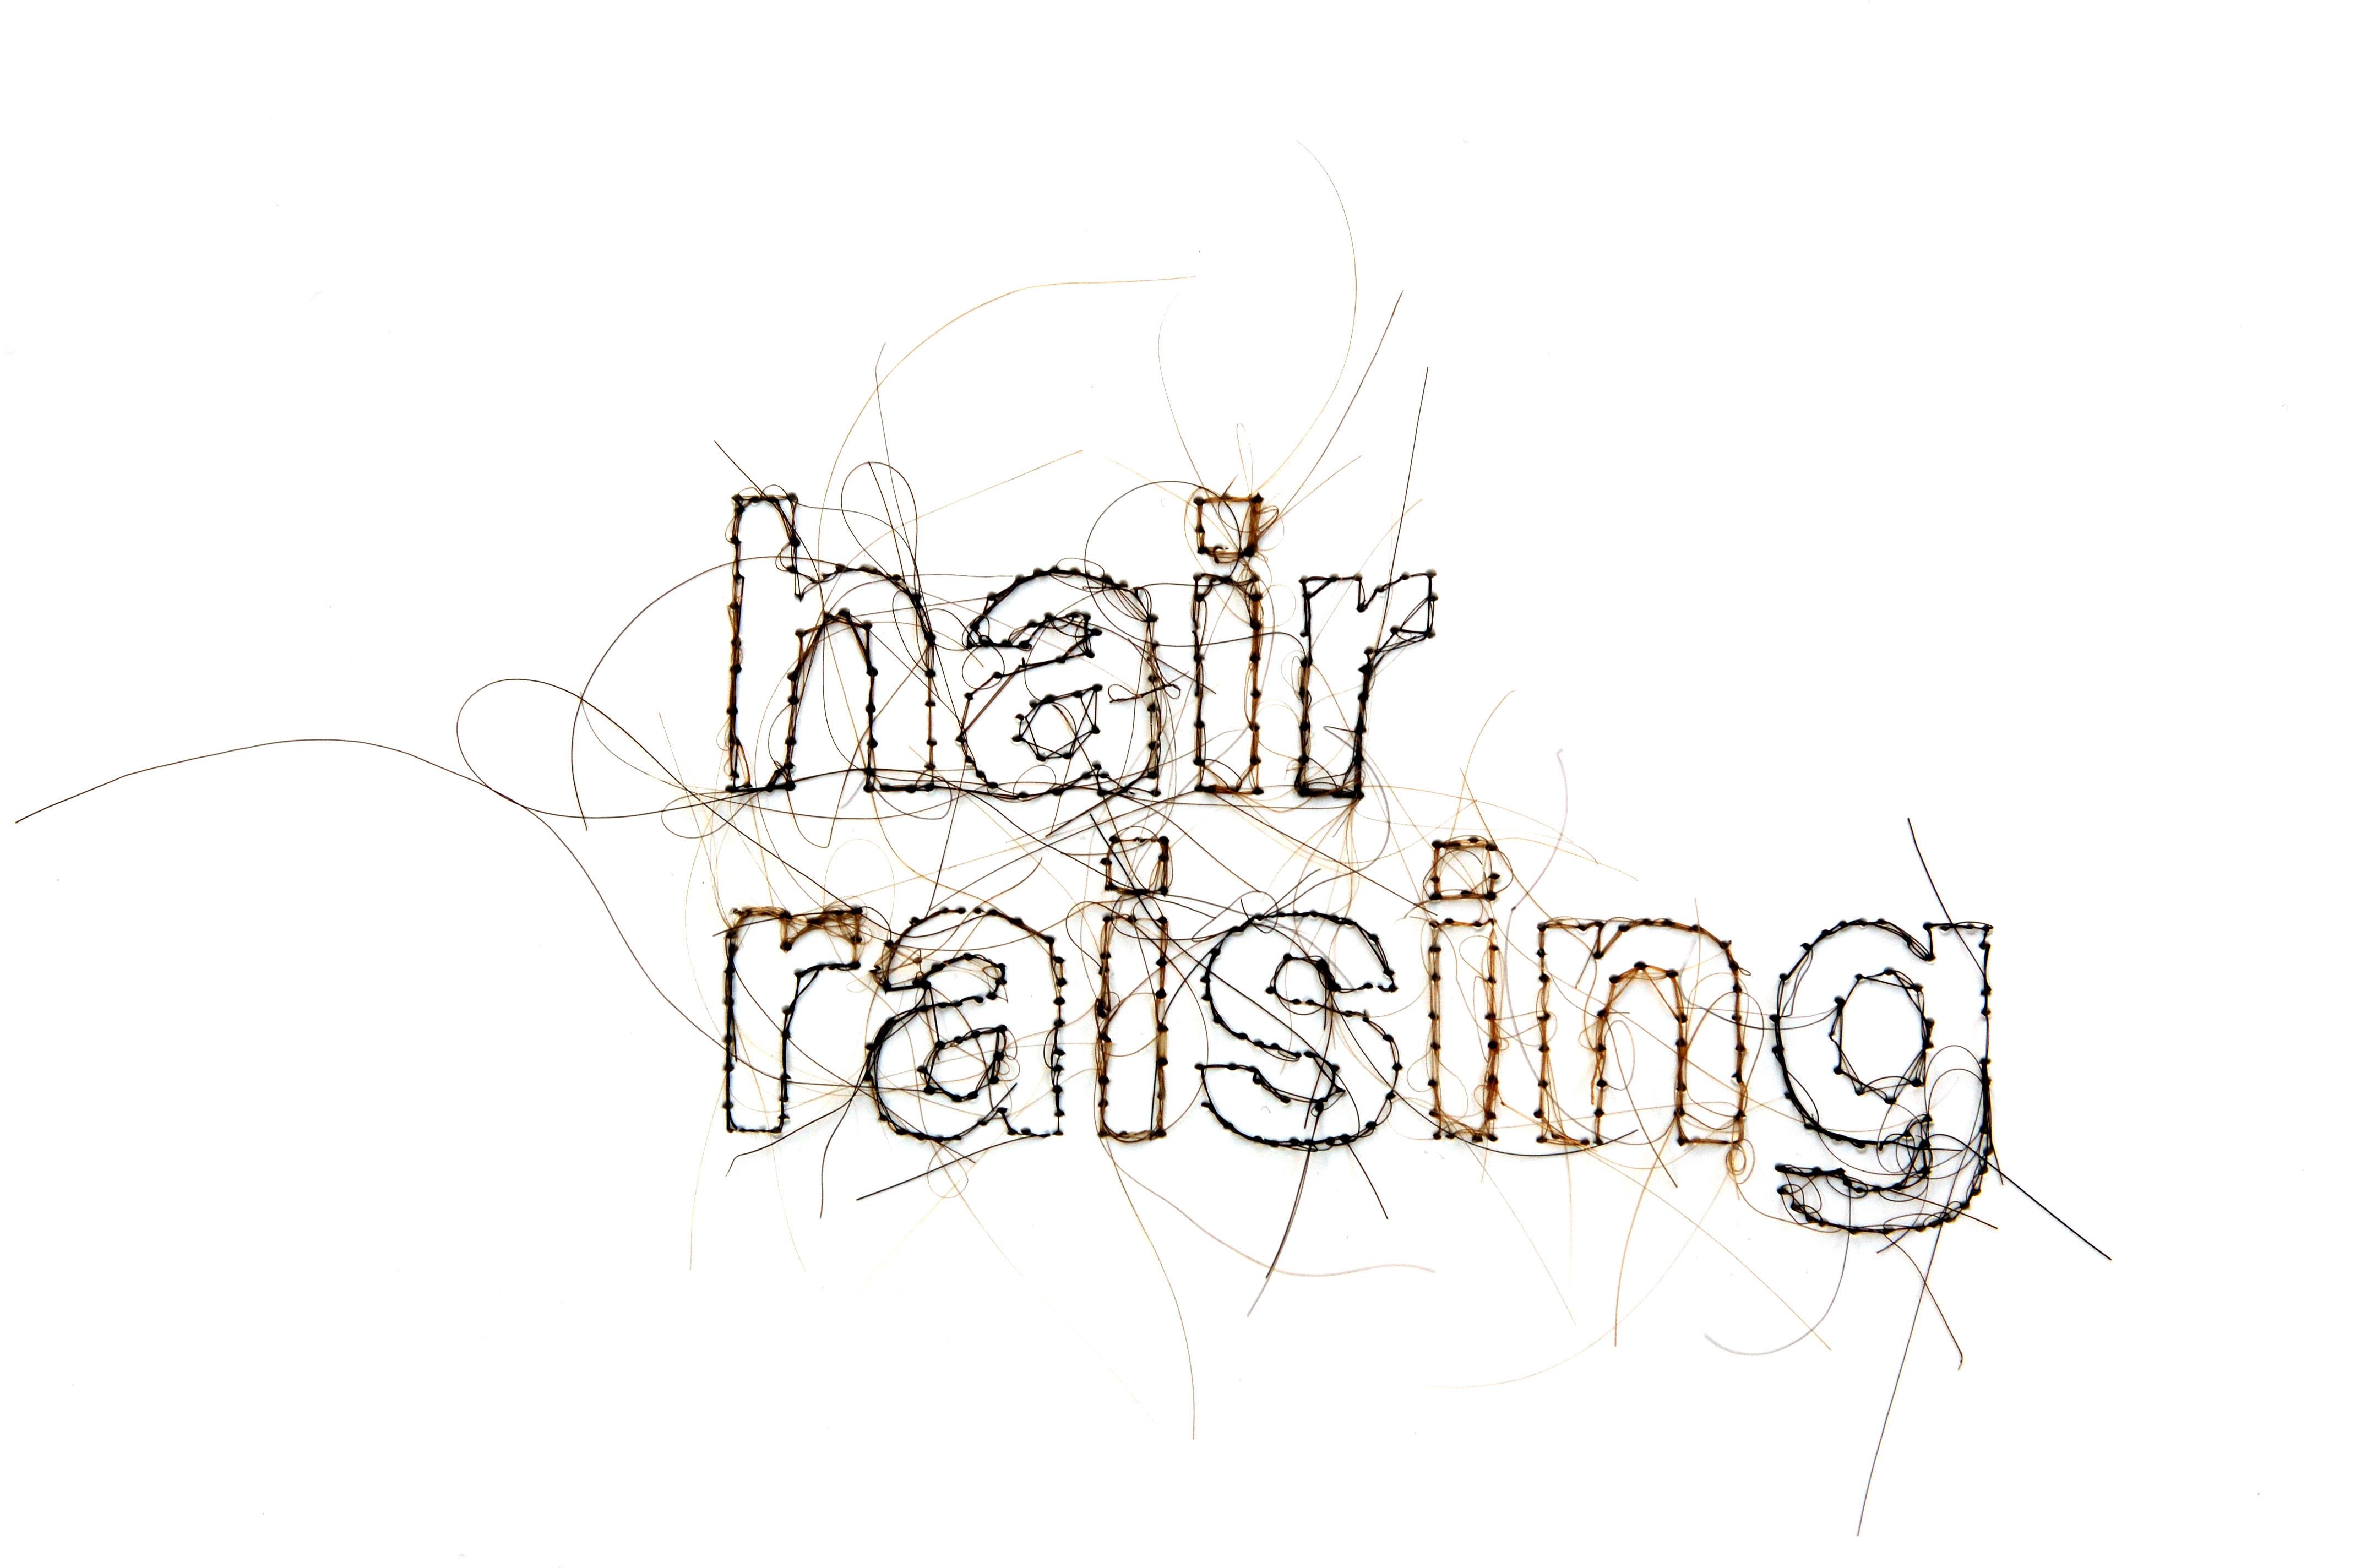 hair raising 2006